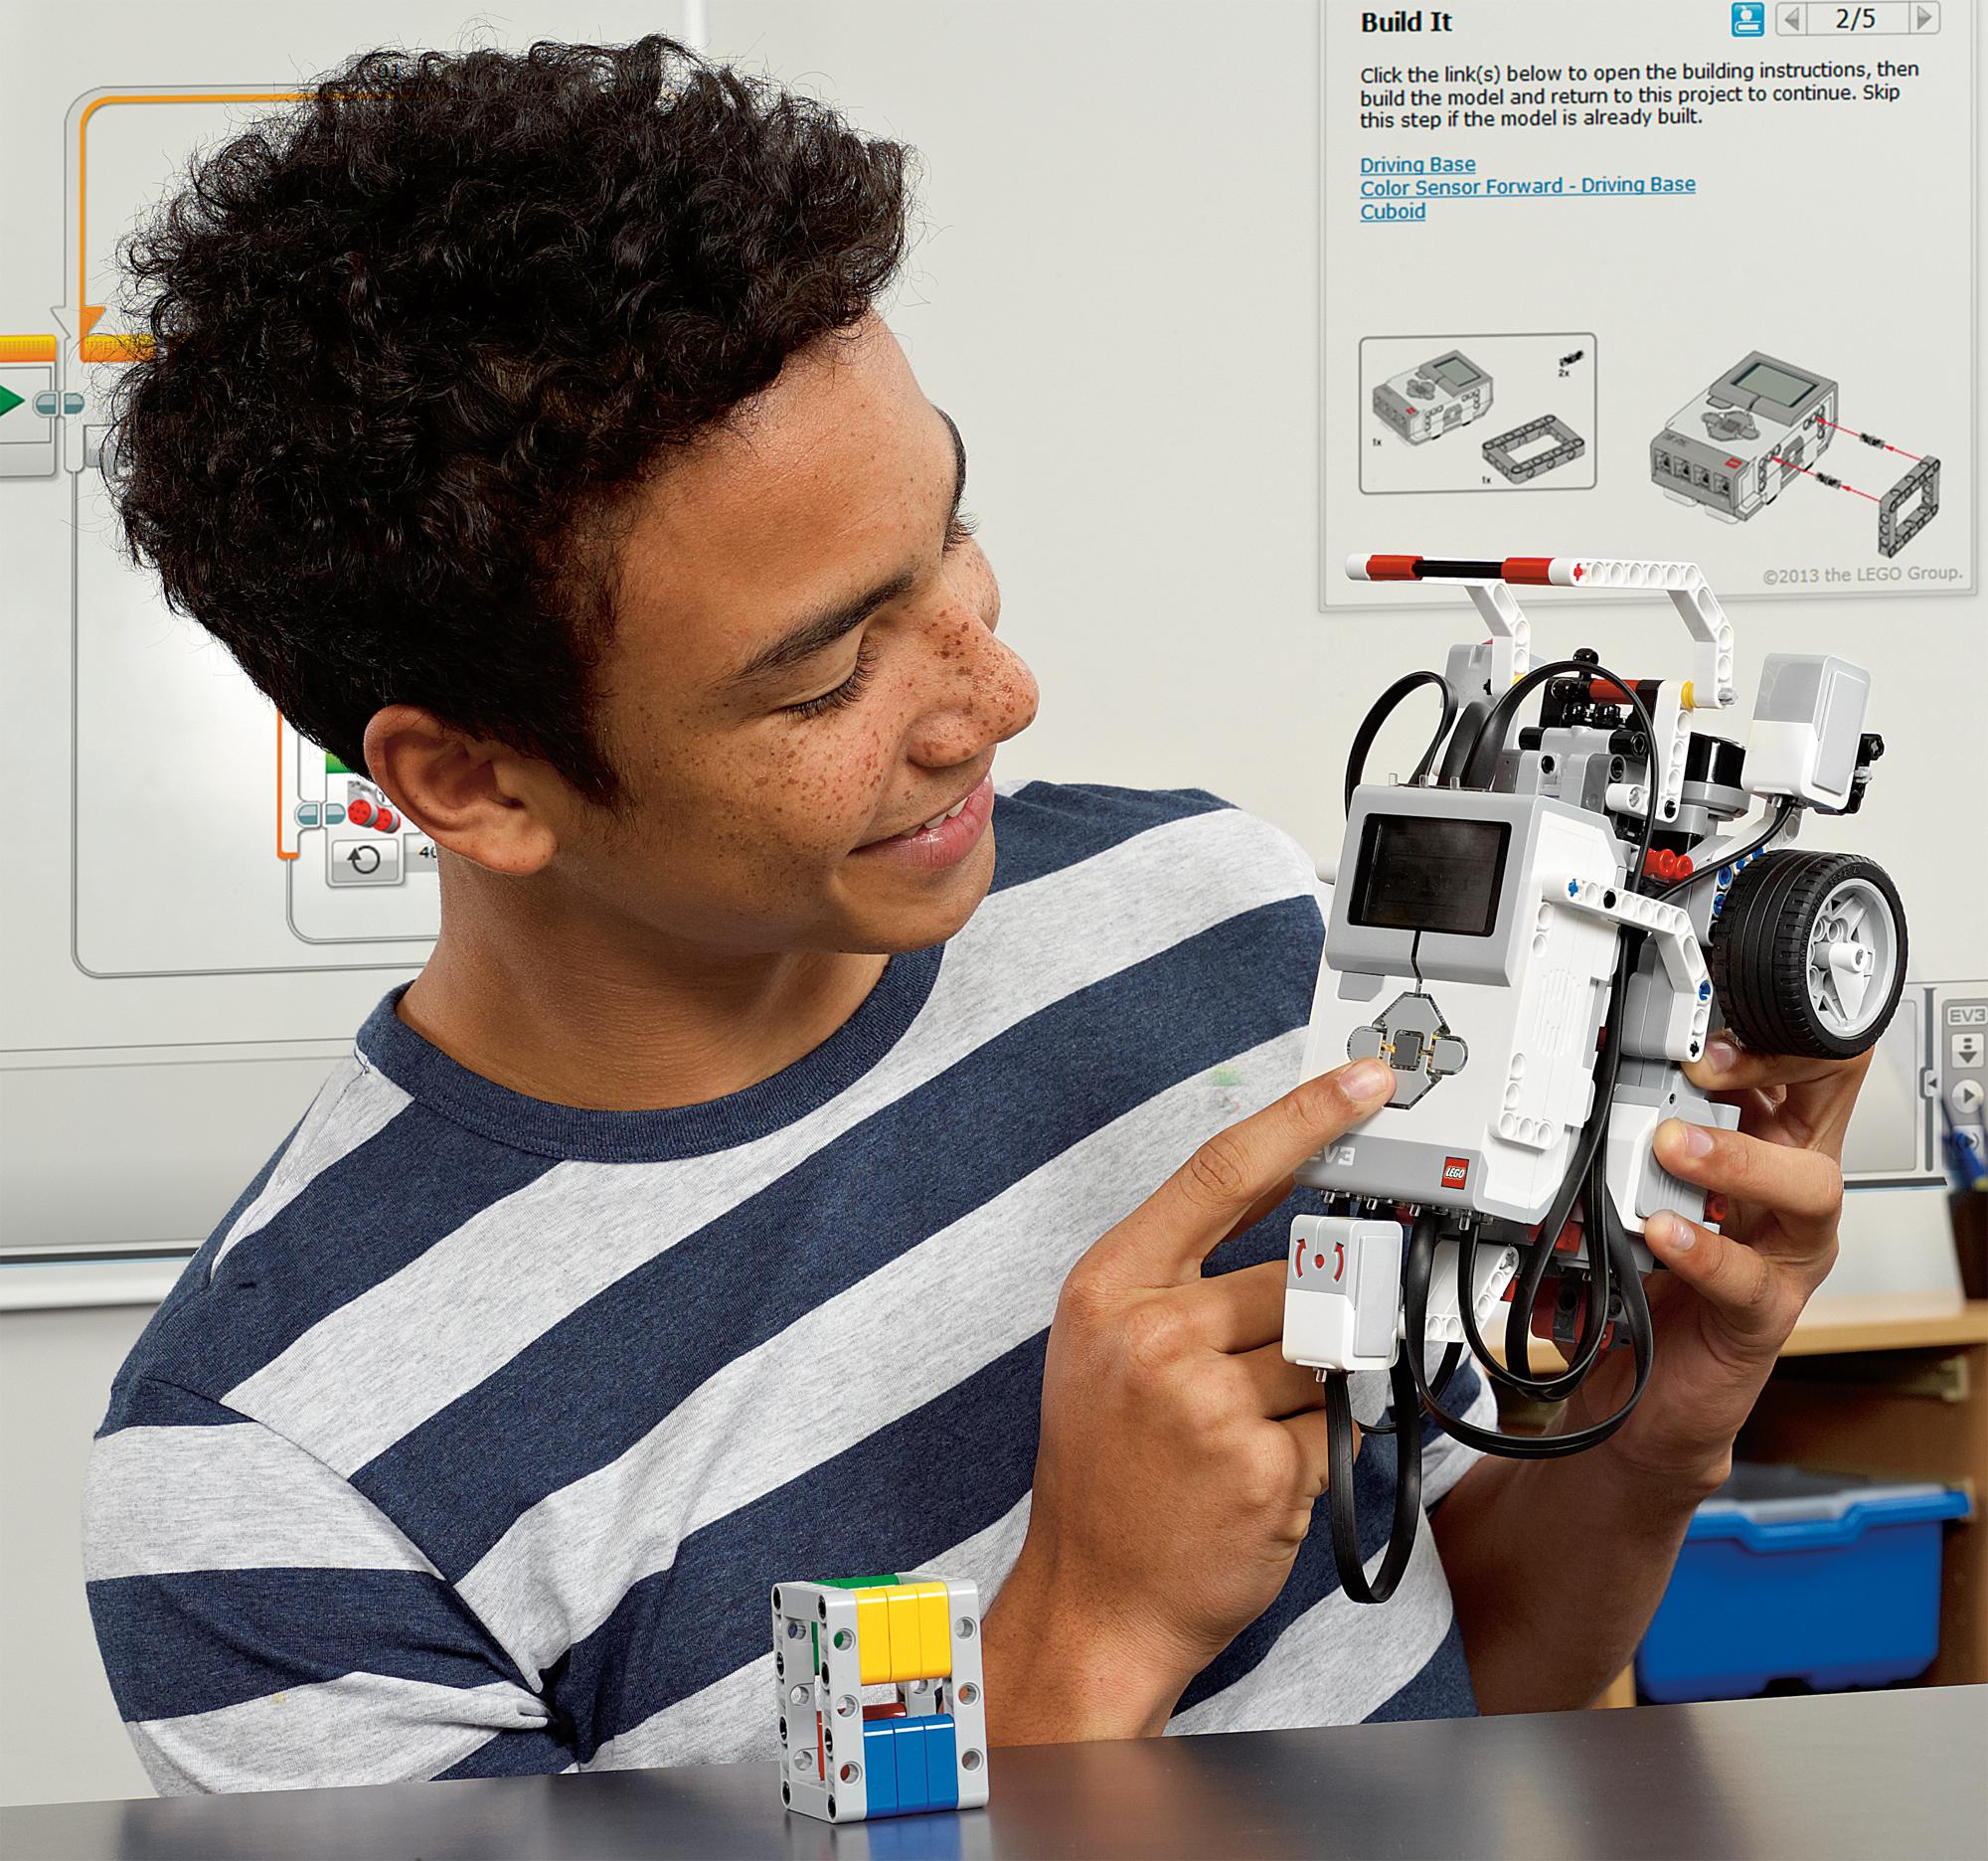 Lego Mindstorms EV3: Neue Roboterplattform von Lego - Lego Mindstorms EV3